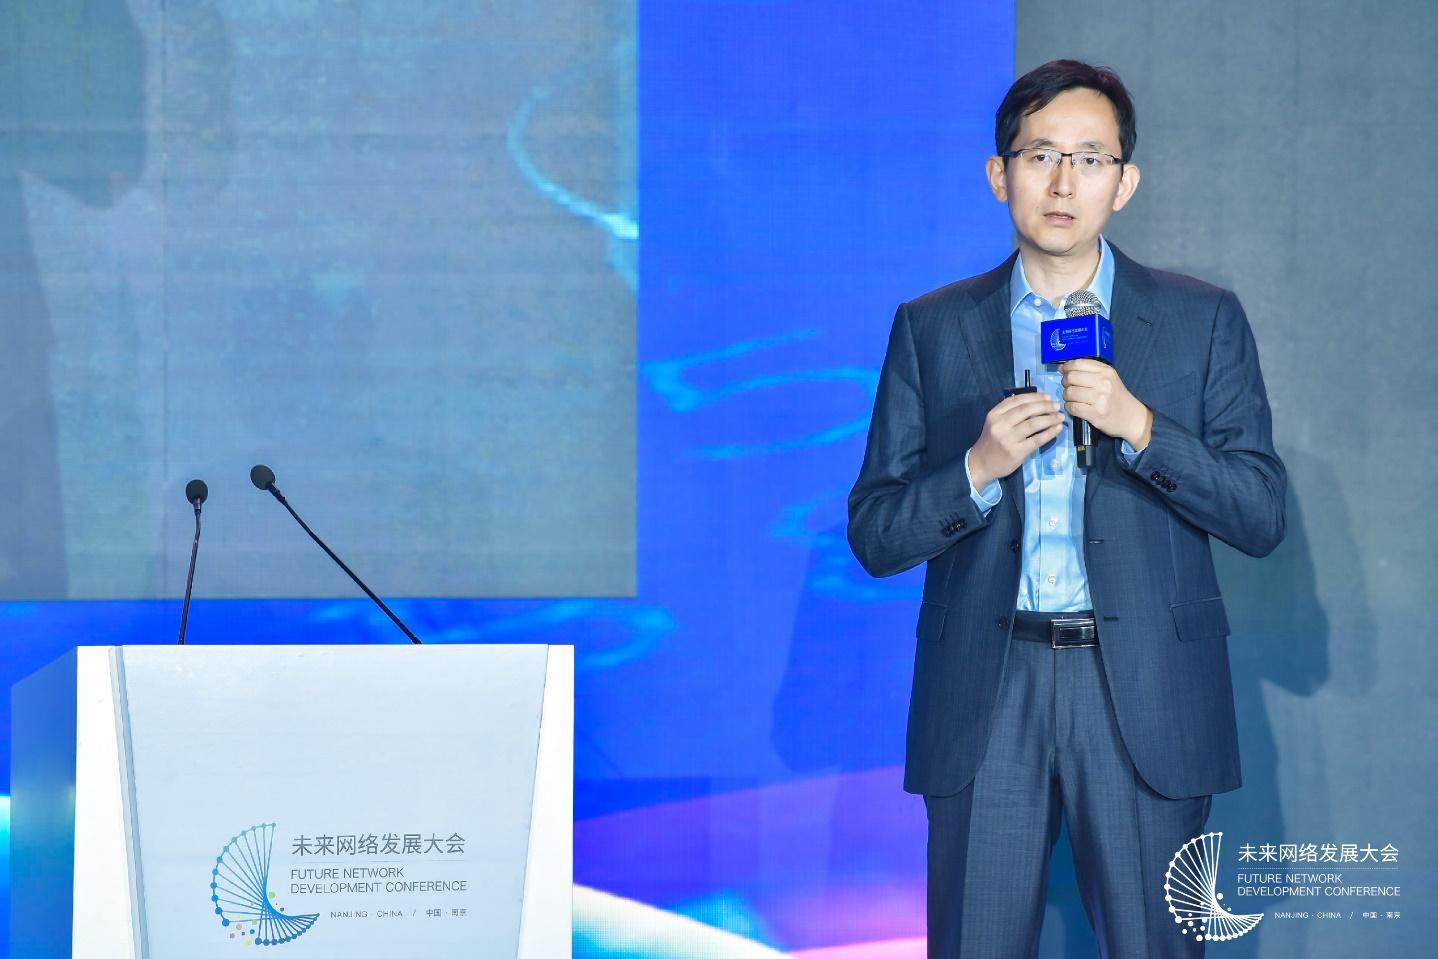 华为首次提出5G确定性网络